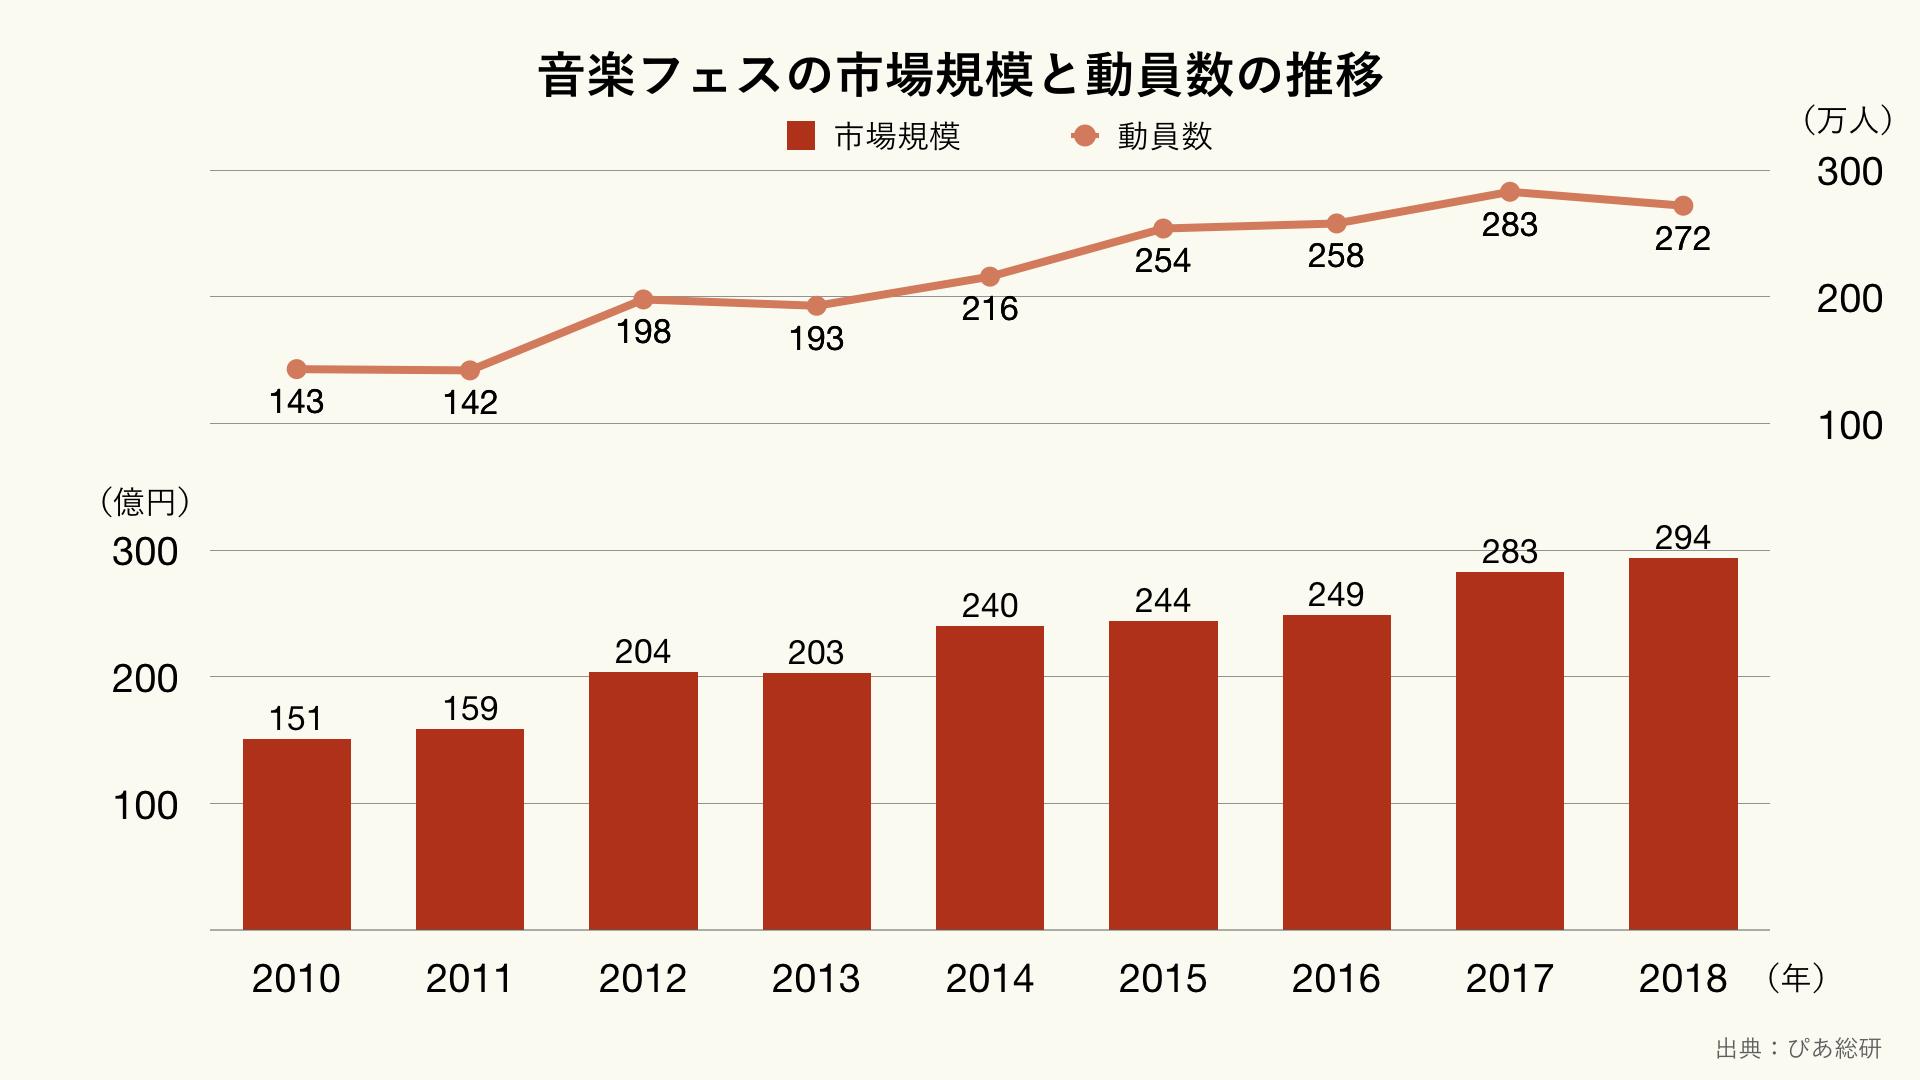 音楽フェスの市場規模と動員数の推移のグラフ